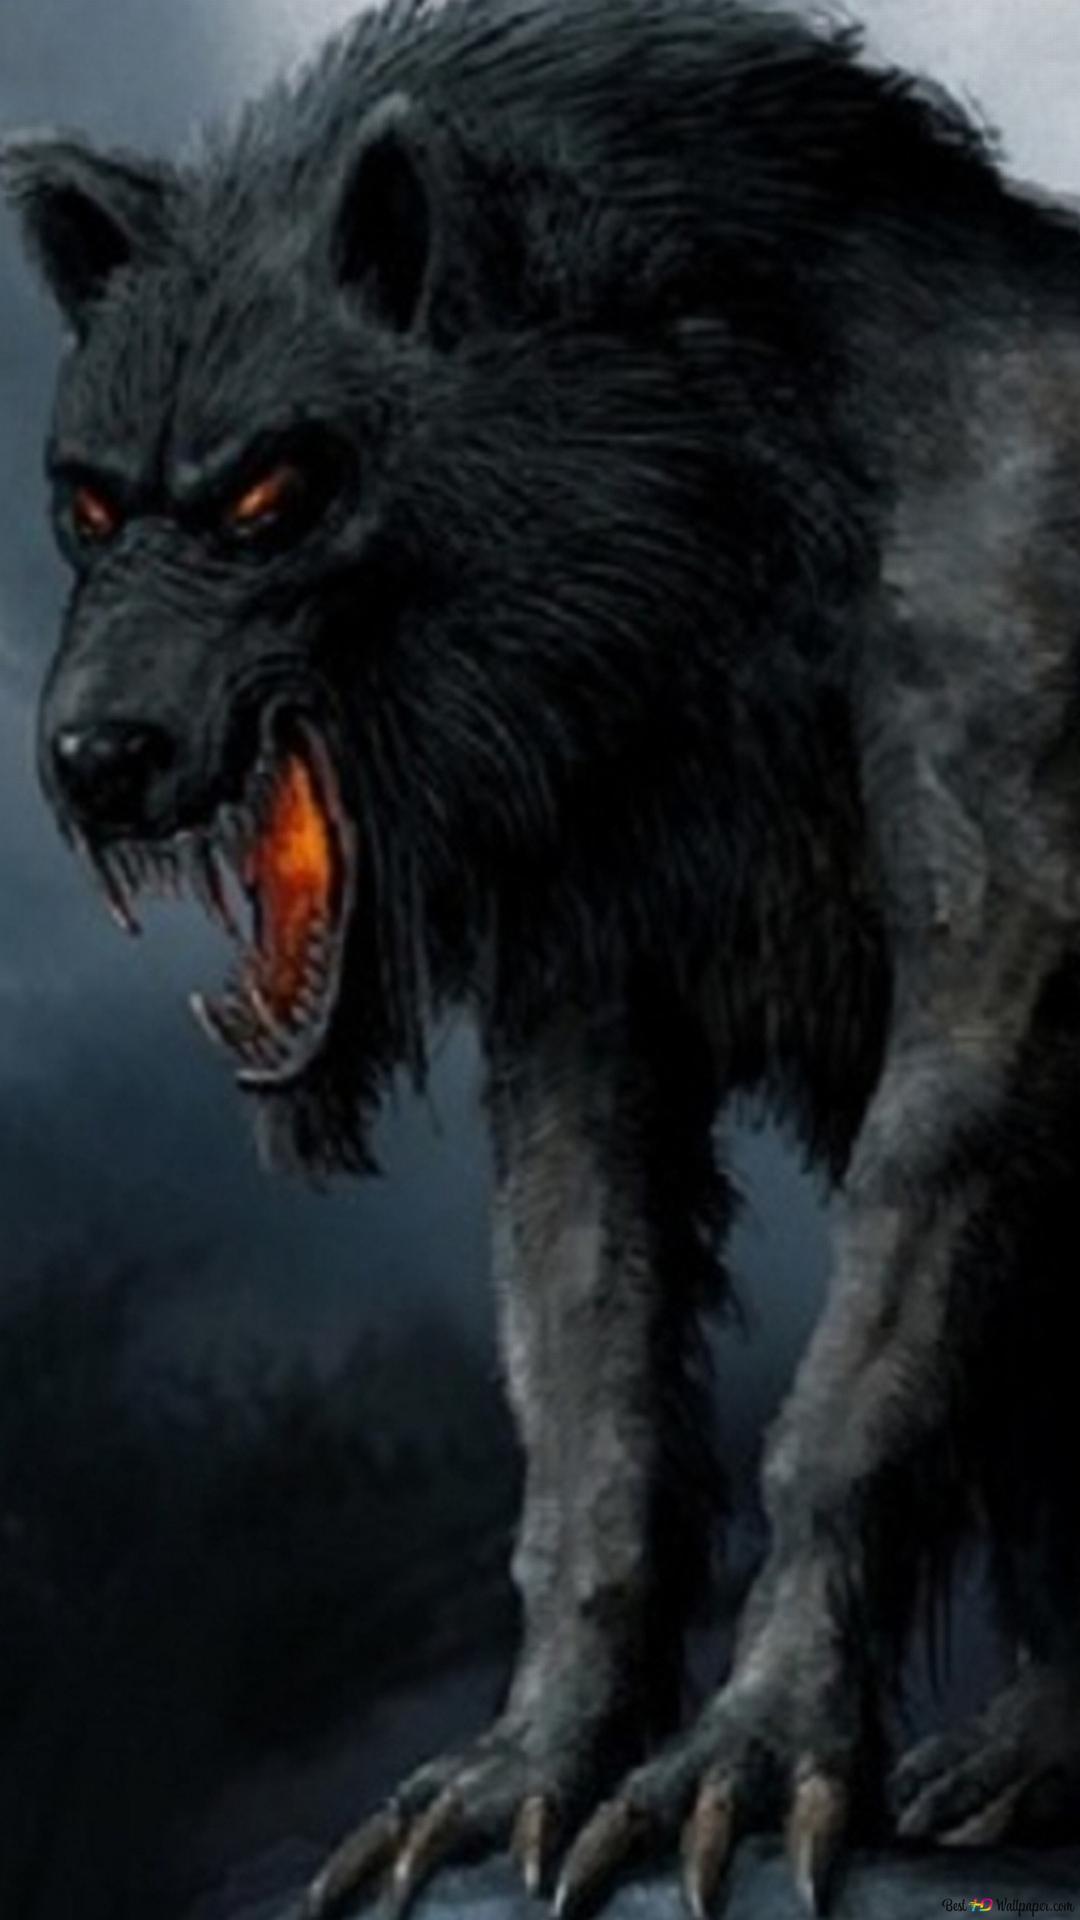 ファンタジークリーチャー 狼 Hd壁紙のダウンロード